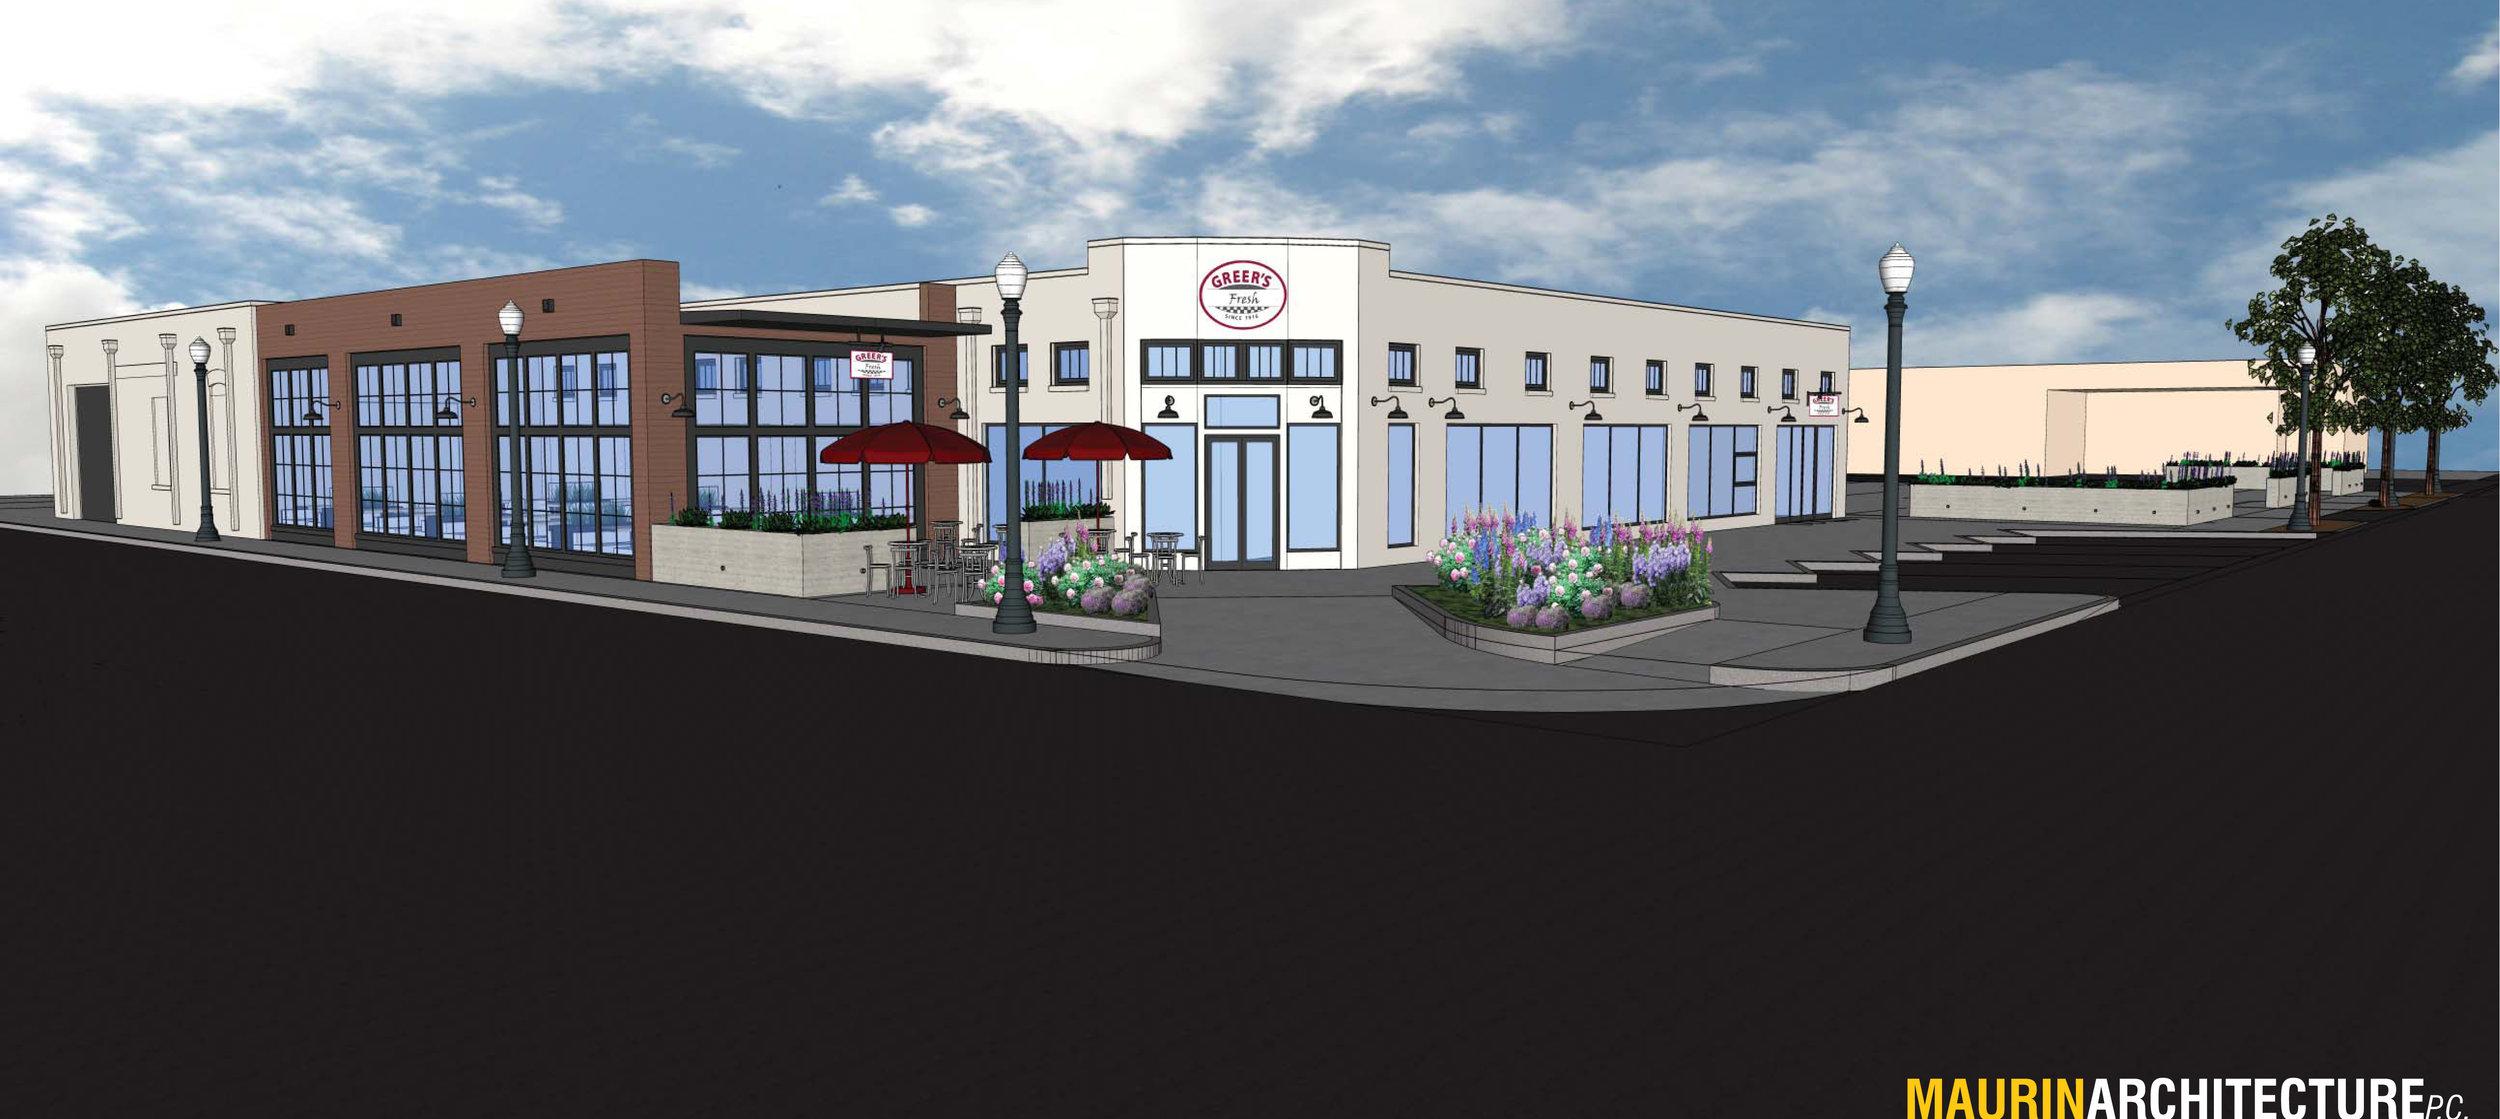 Greers at 260 St Louis St_rendering v2 mapc.jpg